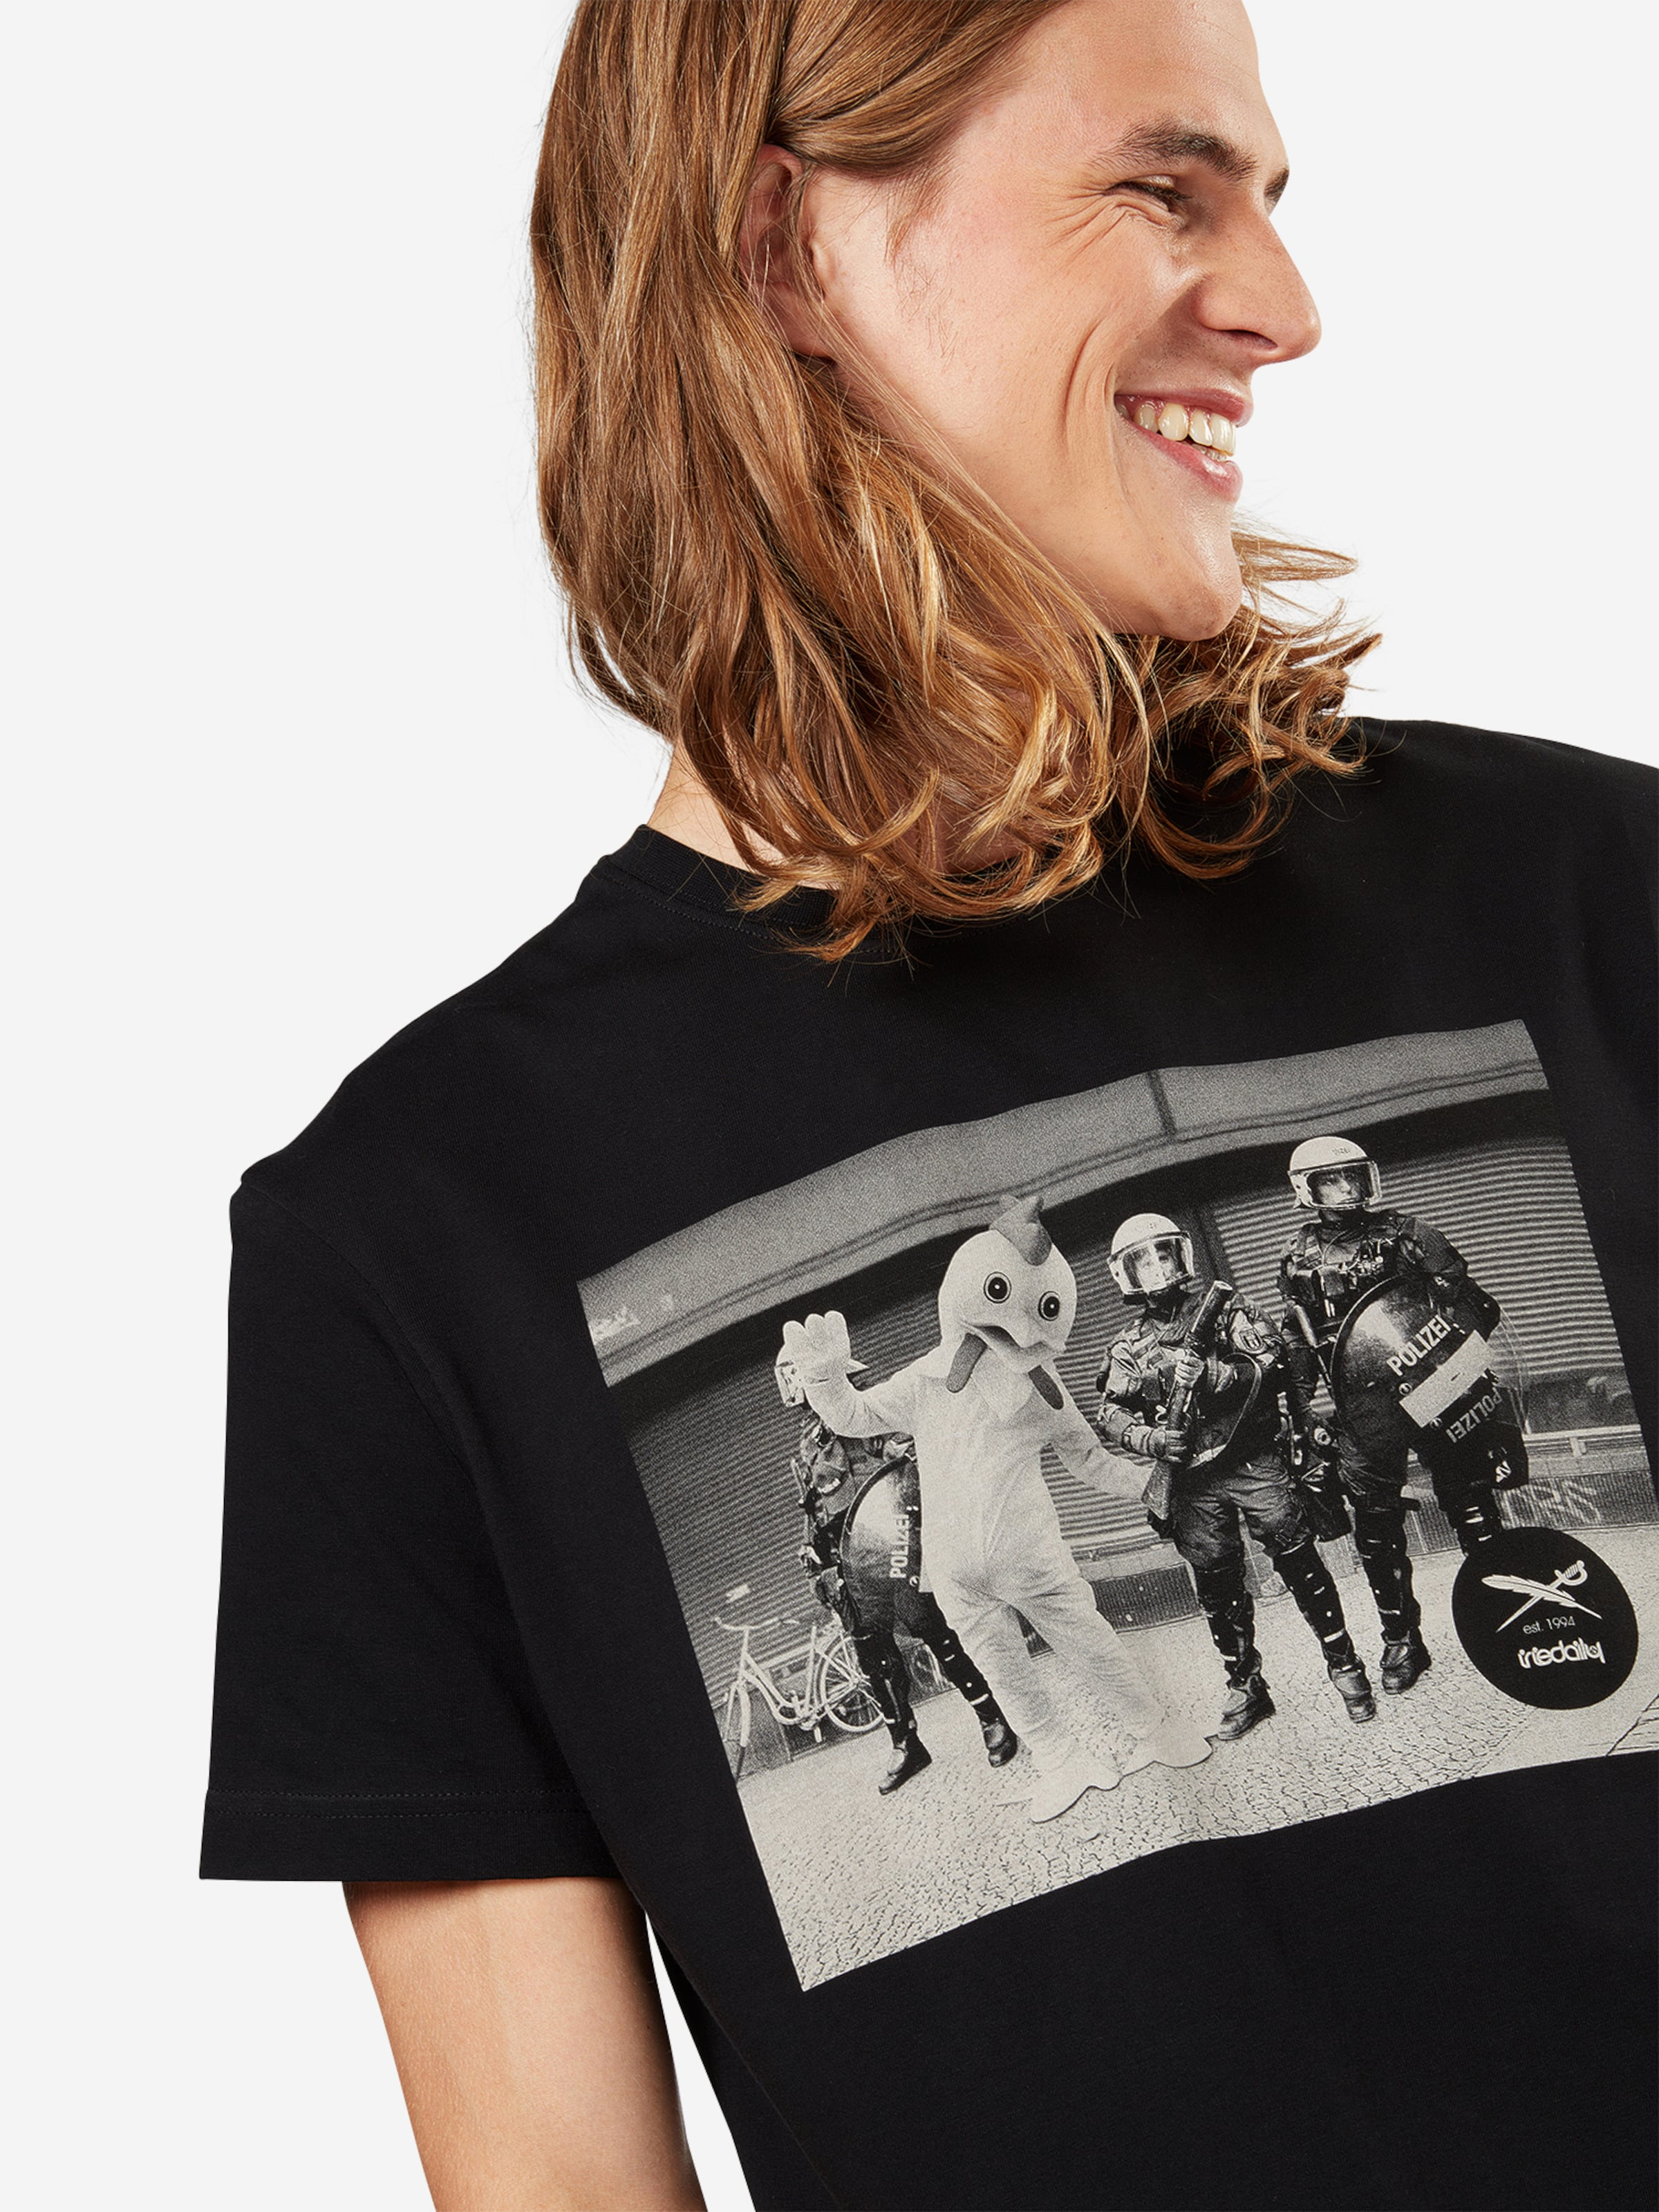 Frei Verschiffen Angebot Iriedaily Shirt 'Funky Chicken Tee' Spielraum Neue Stile Vorbestellung 57VIKcrMq